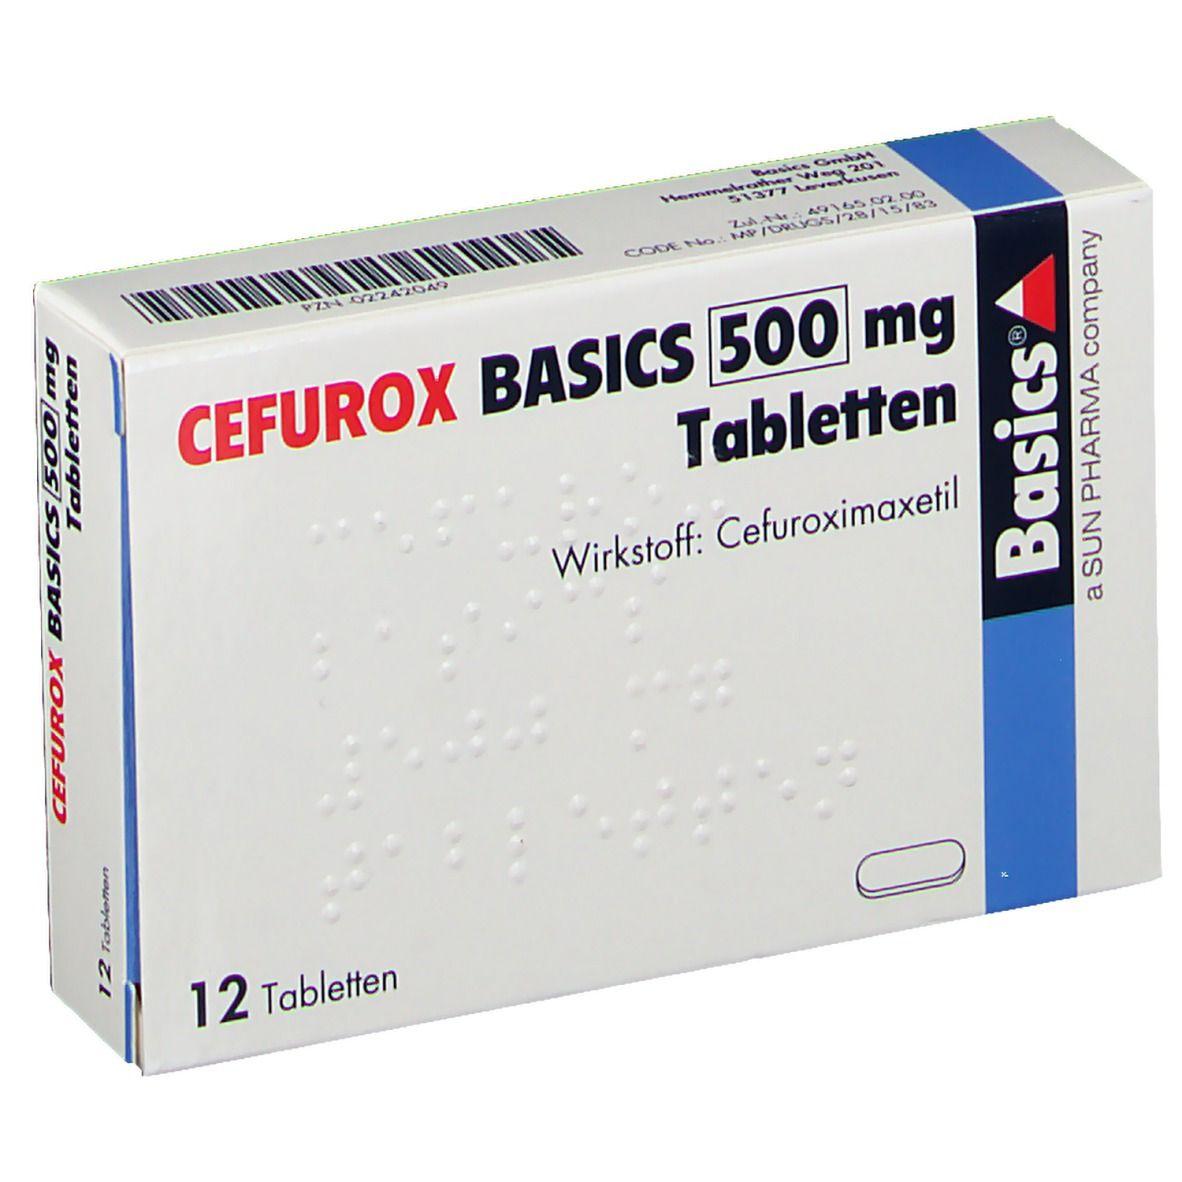 CEFUROX BASICS 500 mg Tabletten